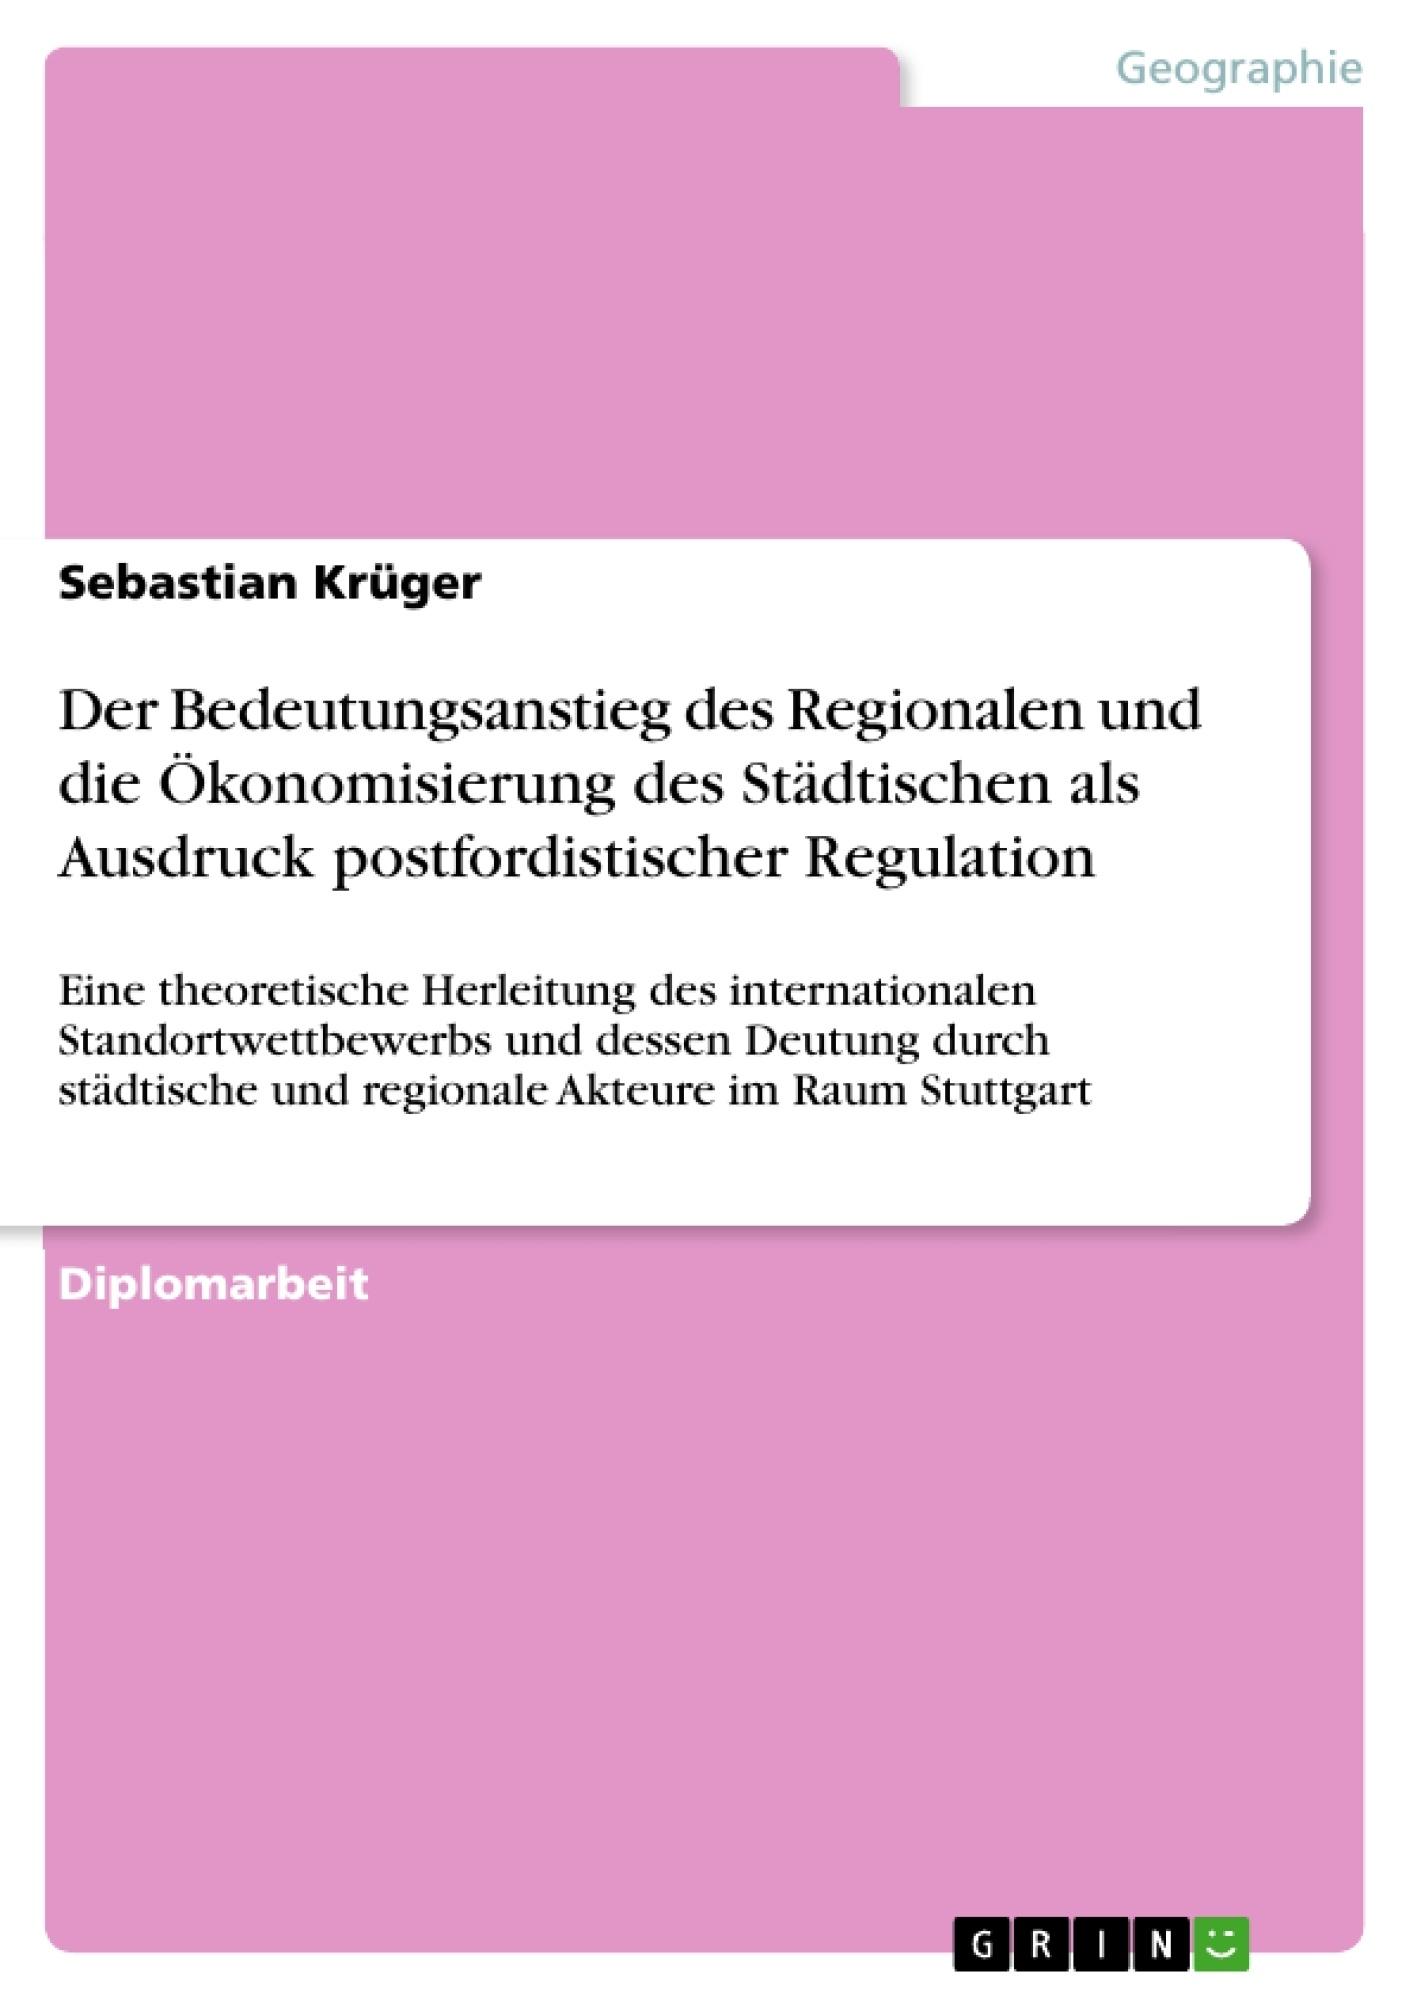 Titel: Der Bedeutungsanstieg des Regionalen und die Ökonomisierung des Städtischen als Ausdruck postfordistischer Regulation